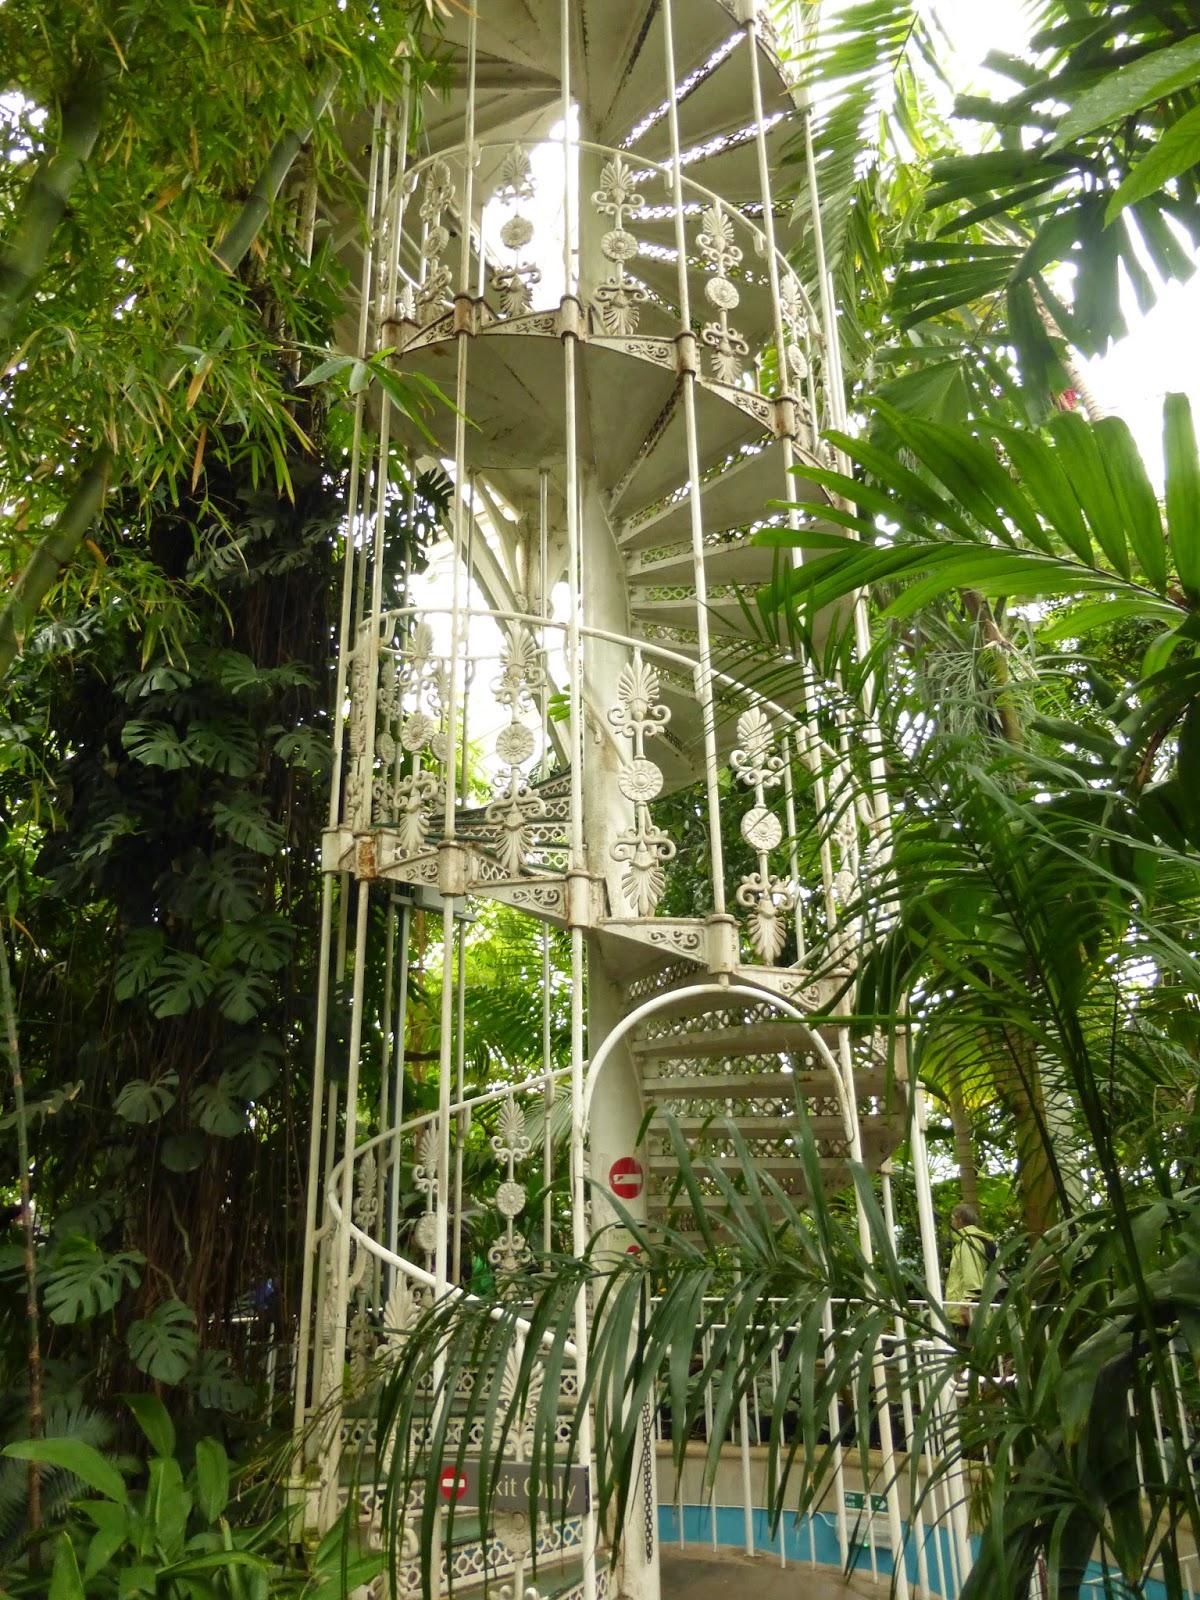 Mon jardin entre terre et mer back from england for Jardins anglais celebres